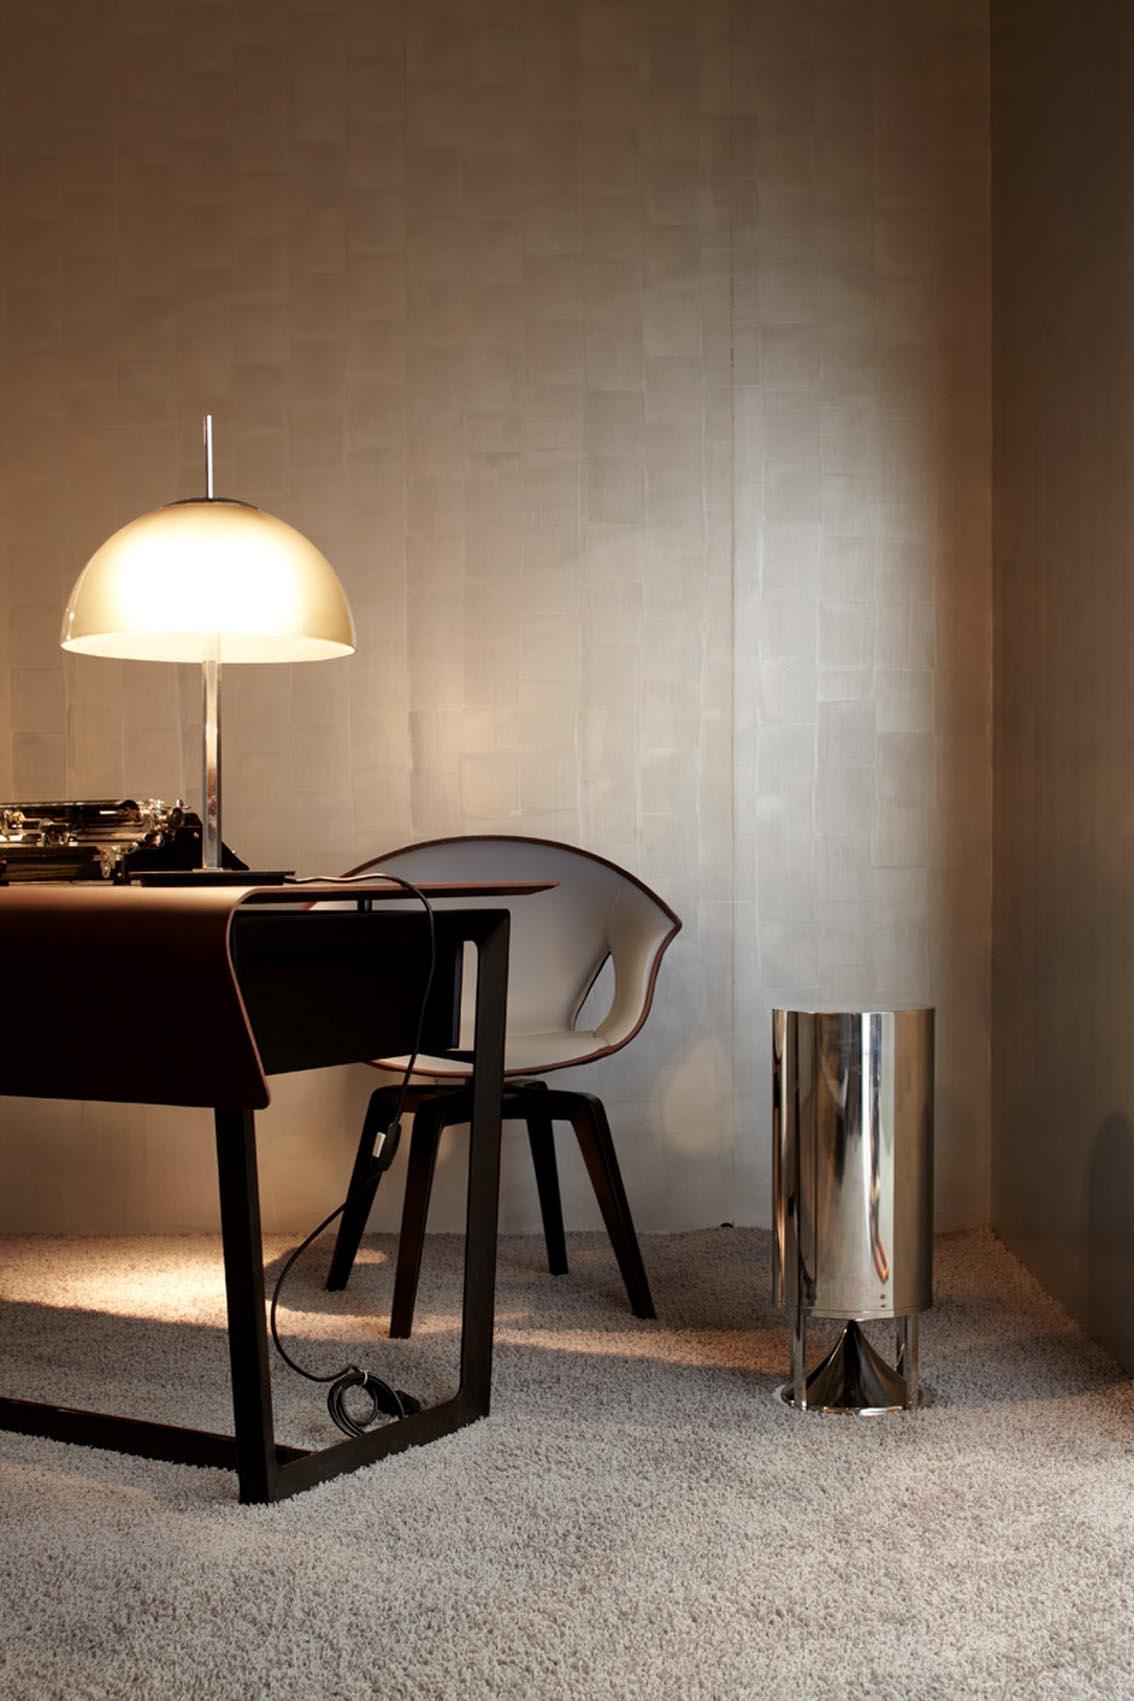 steel speakers in UAE